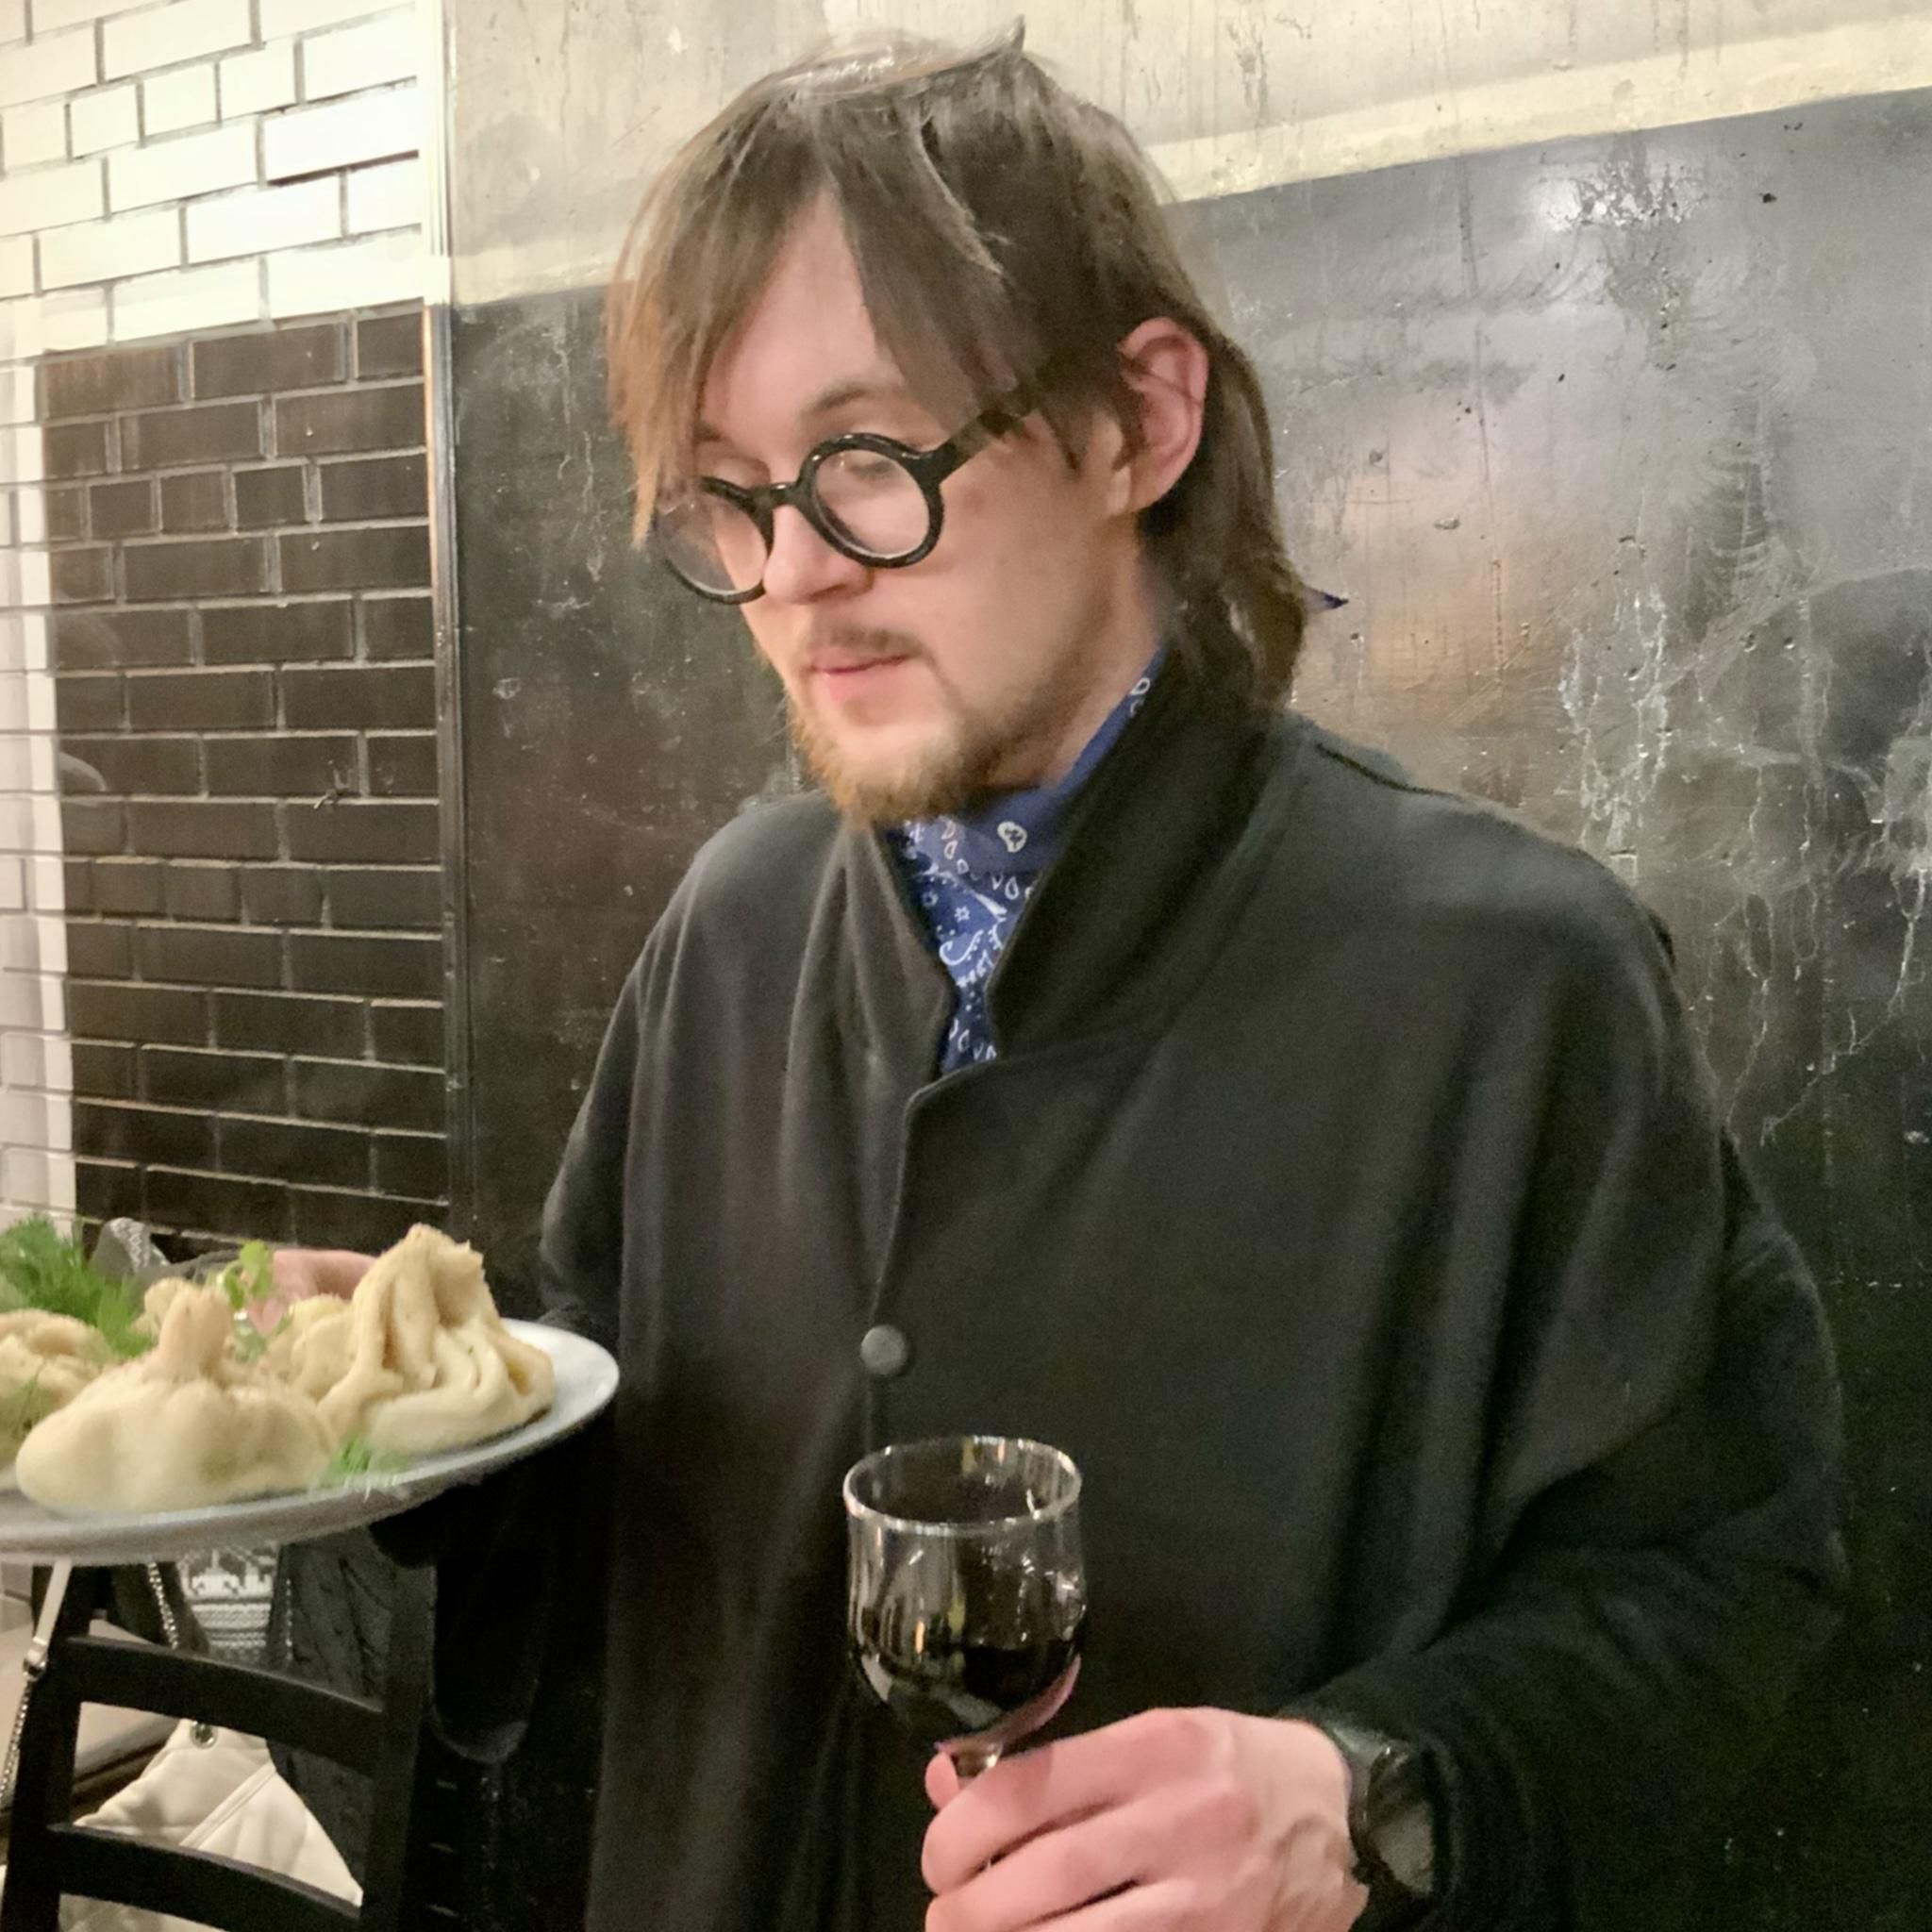 Вино и грузинская еда в кулинарной студии про-еду